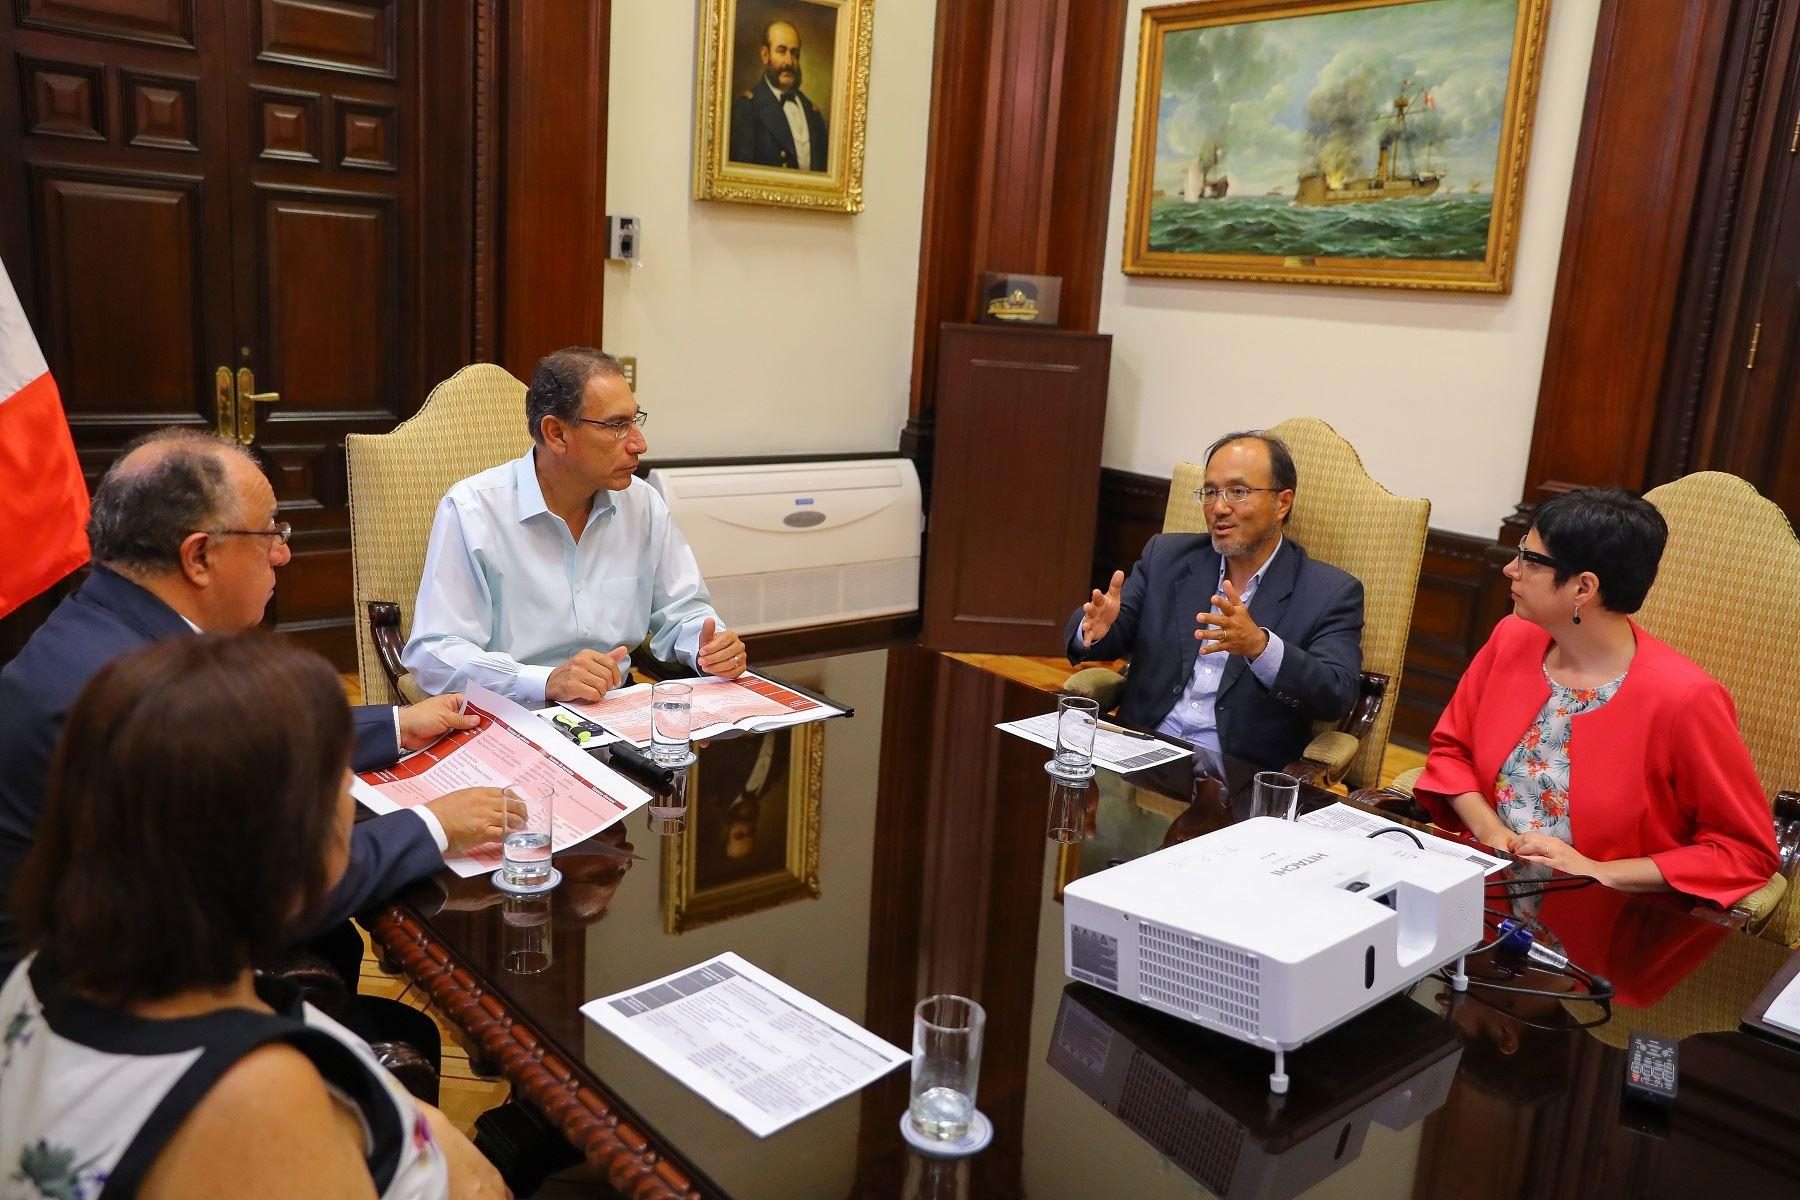 Reunión del presidente Martin Vizcarra con la comisión encargada de la reforma política.